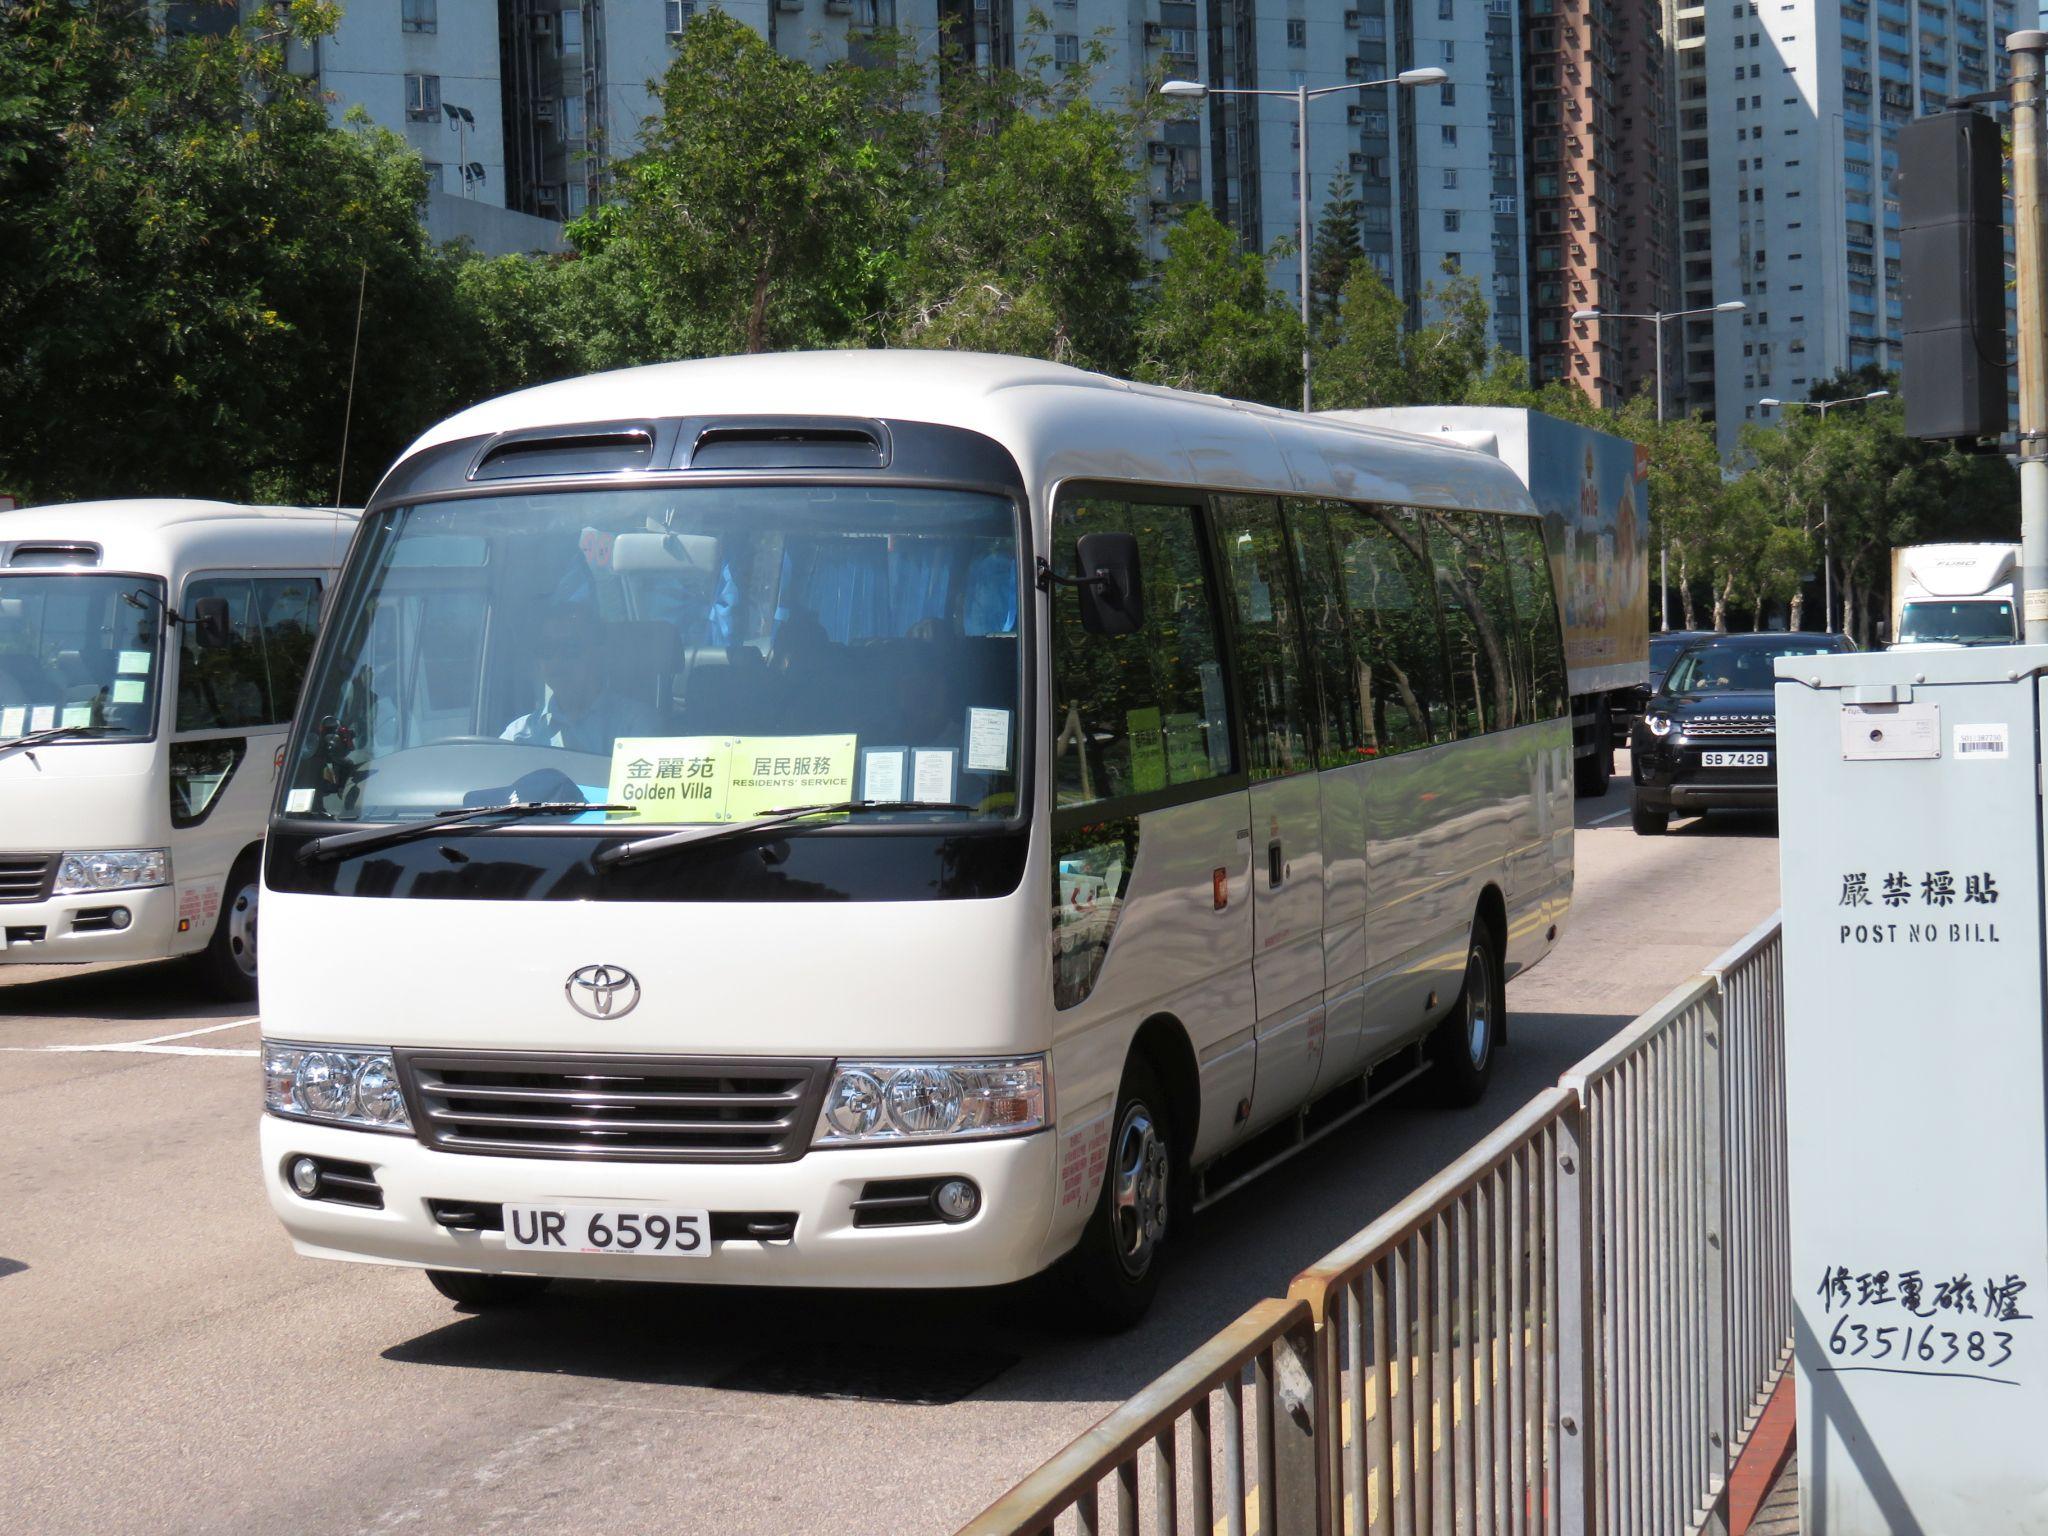 居民巴士NR320線